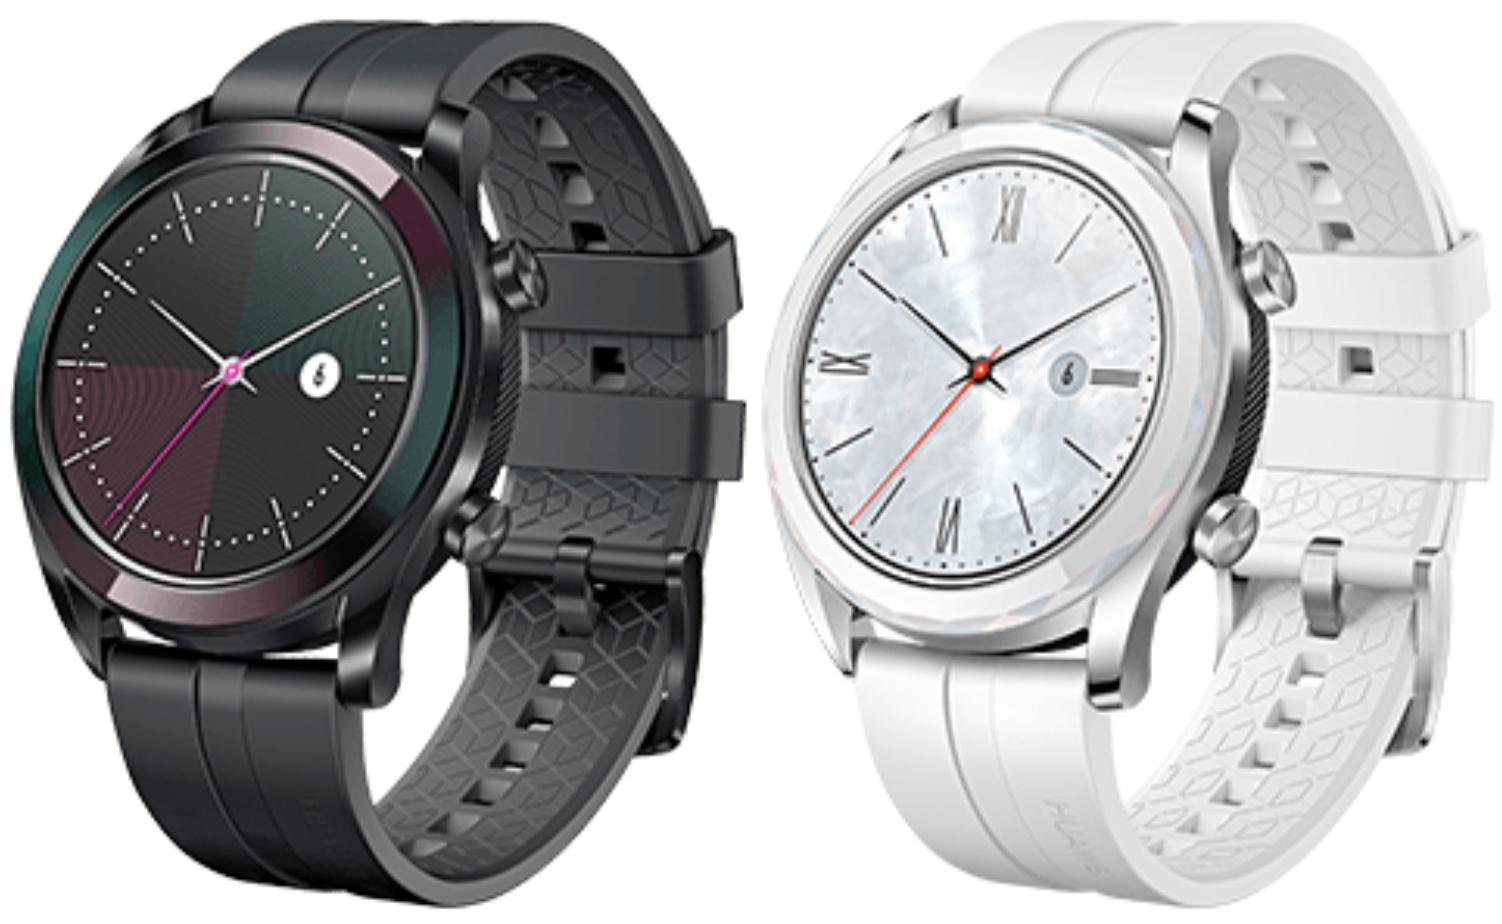 HUAWEI Watch GT Elegant 2019 Smartwatch GPS Fitness Tracker Herzfrequenzmessung 5 ATM wasserdicht schwarz o. weiss für 189€ inkl. Versand